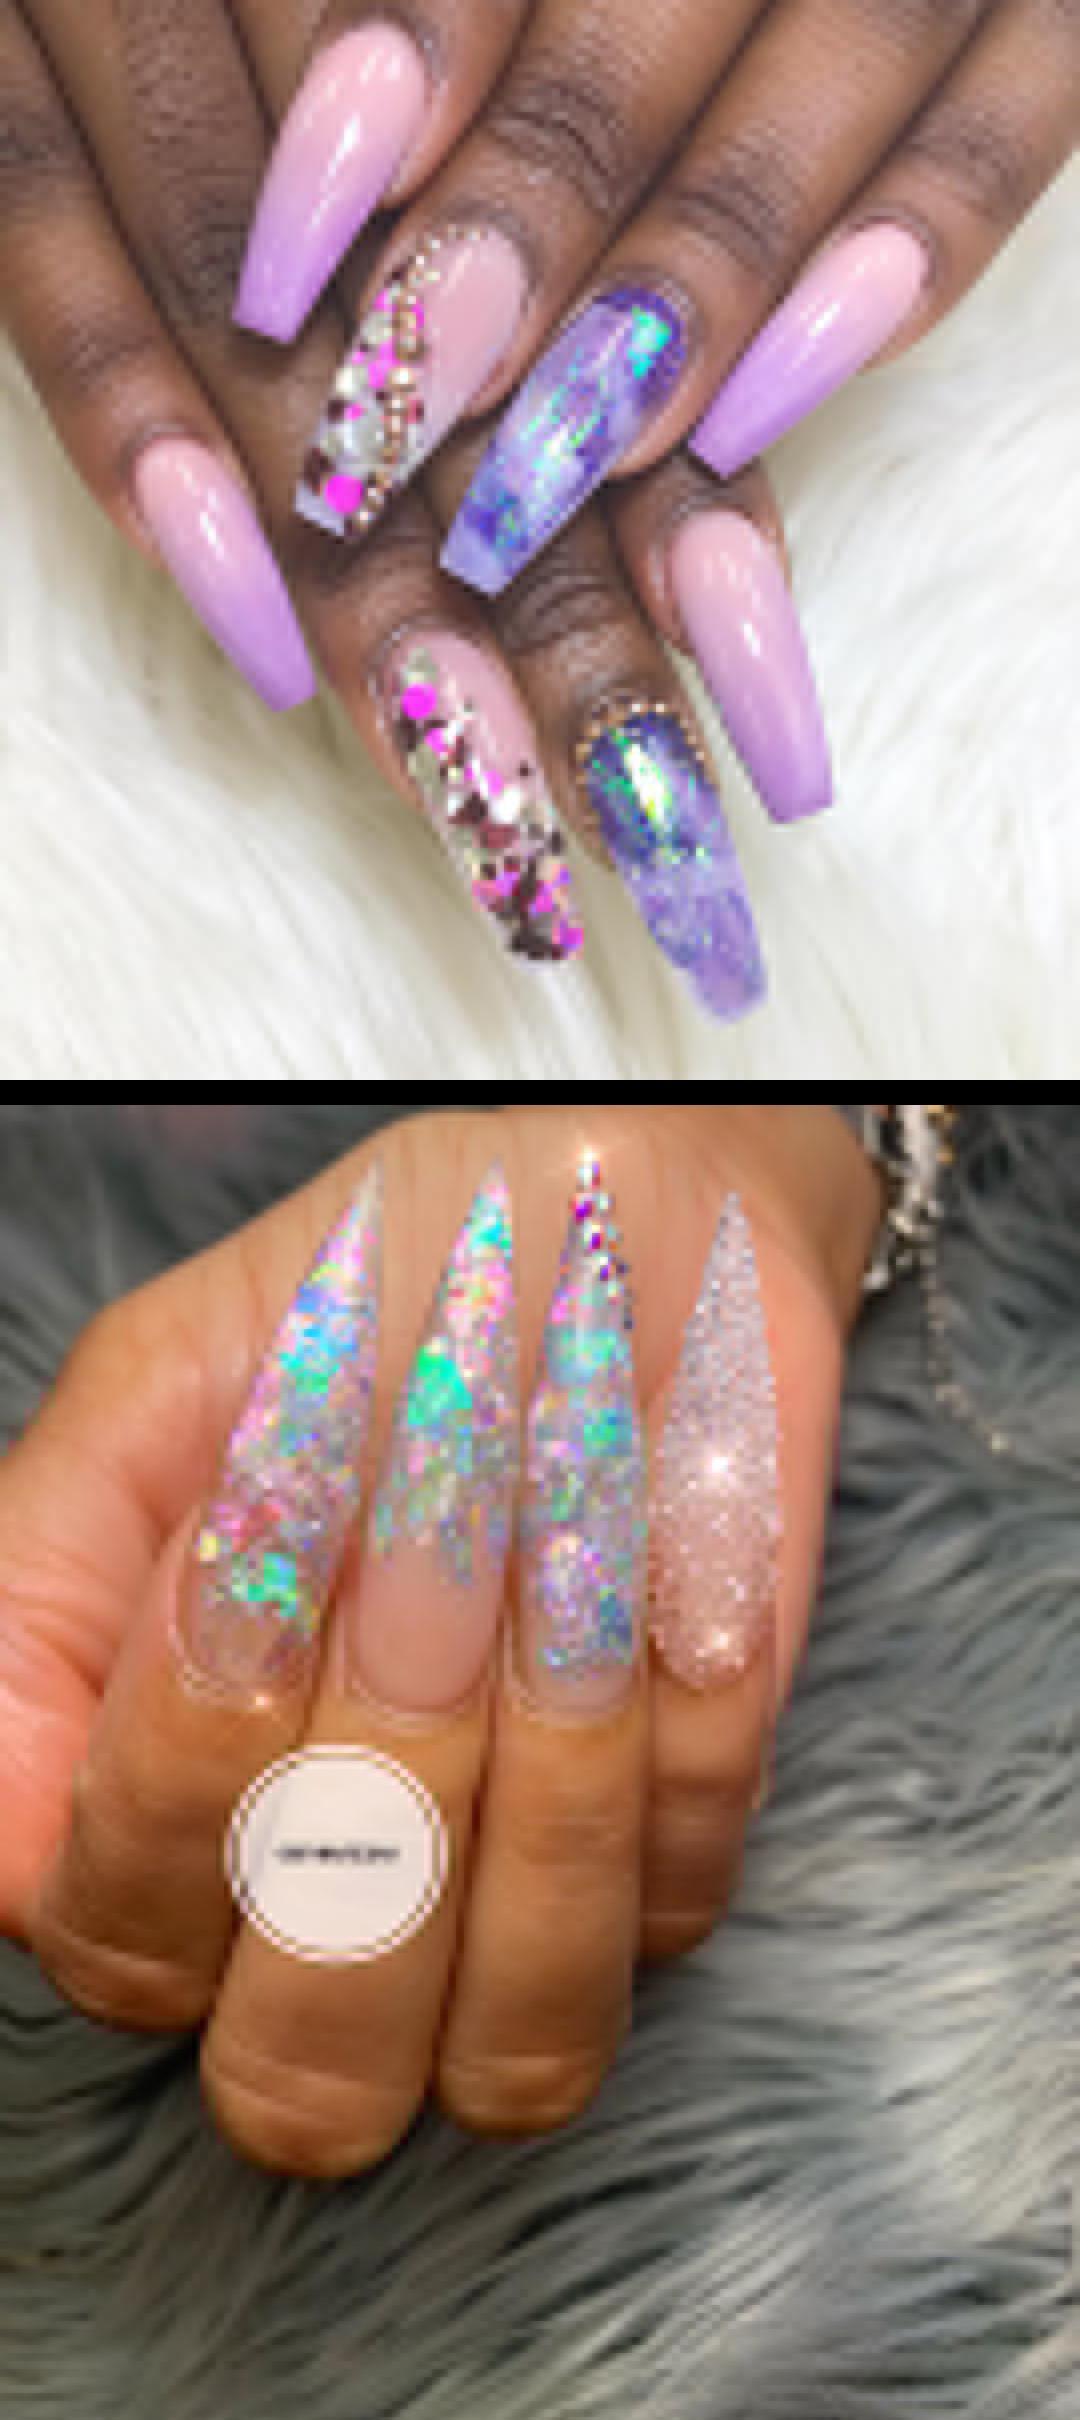 mavala stop,holiday nails,For my first time customer nailart , jellynails , nailsofinstagram , nails, nailpro , nailmagazine , naildesigns , nailporn , naiswag , nailart , naillife , nailsonfleek , nailpro , nailtech , rvanails , 804nails , richmond , glitternails , naillover , nailsbyamy , nail-addict , nailart , nailclub , notpolish , nailartdesigns , stilettonails , coffinnails , omrenails , rainbownails , nails , nailmaster , nailfie , naildesigns , virginia youngnailsinc ritz_nails_llc